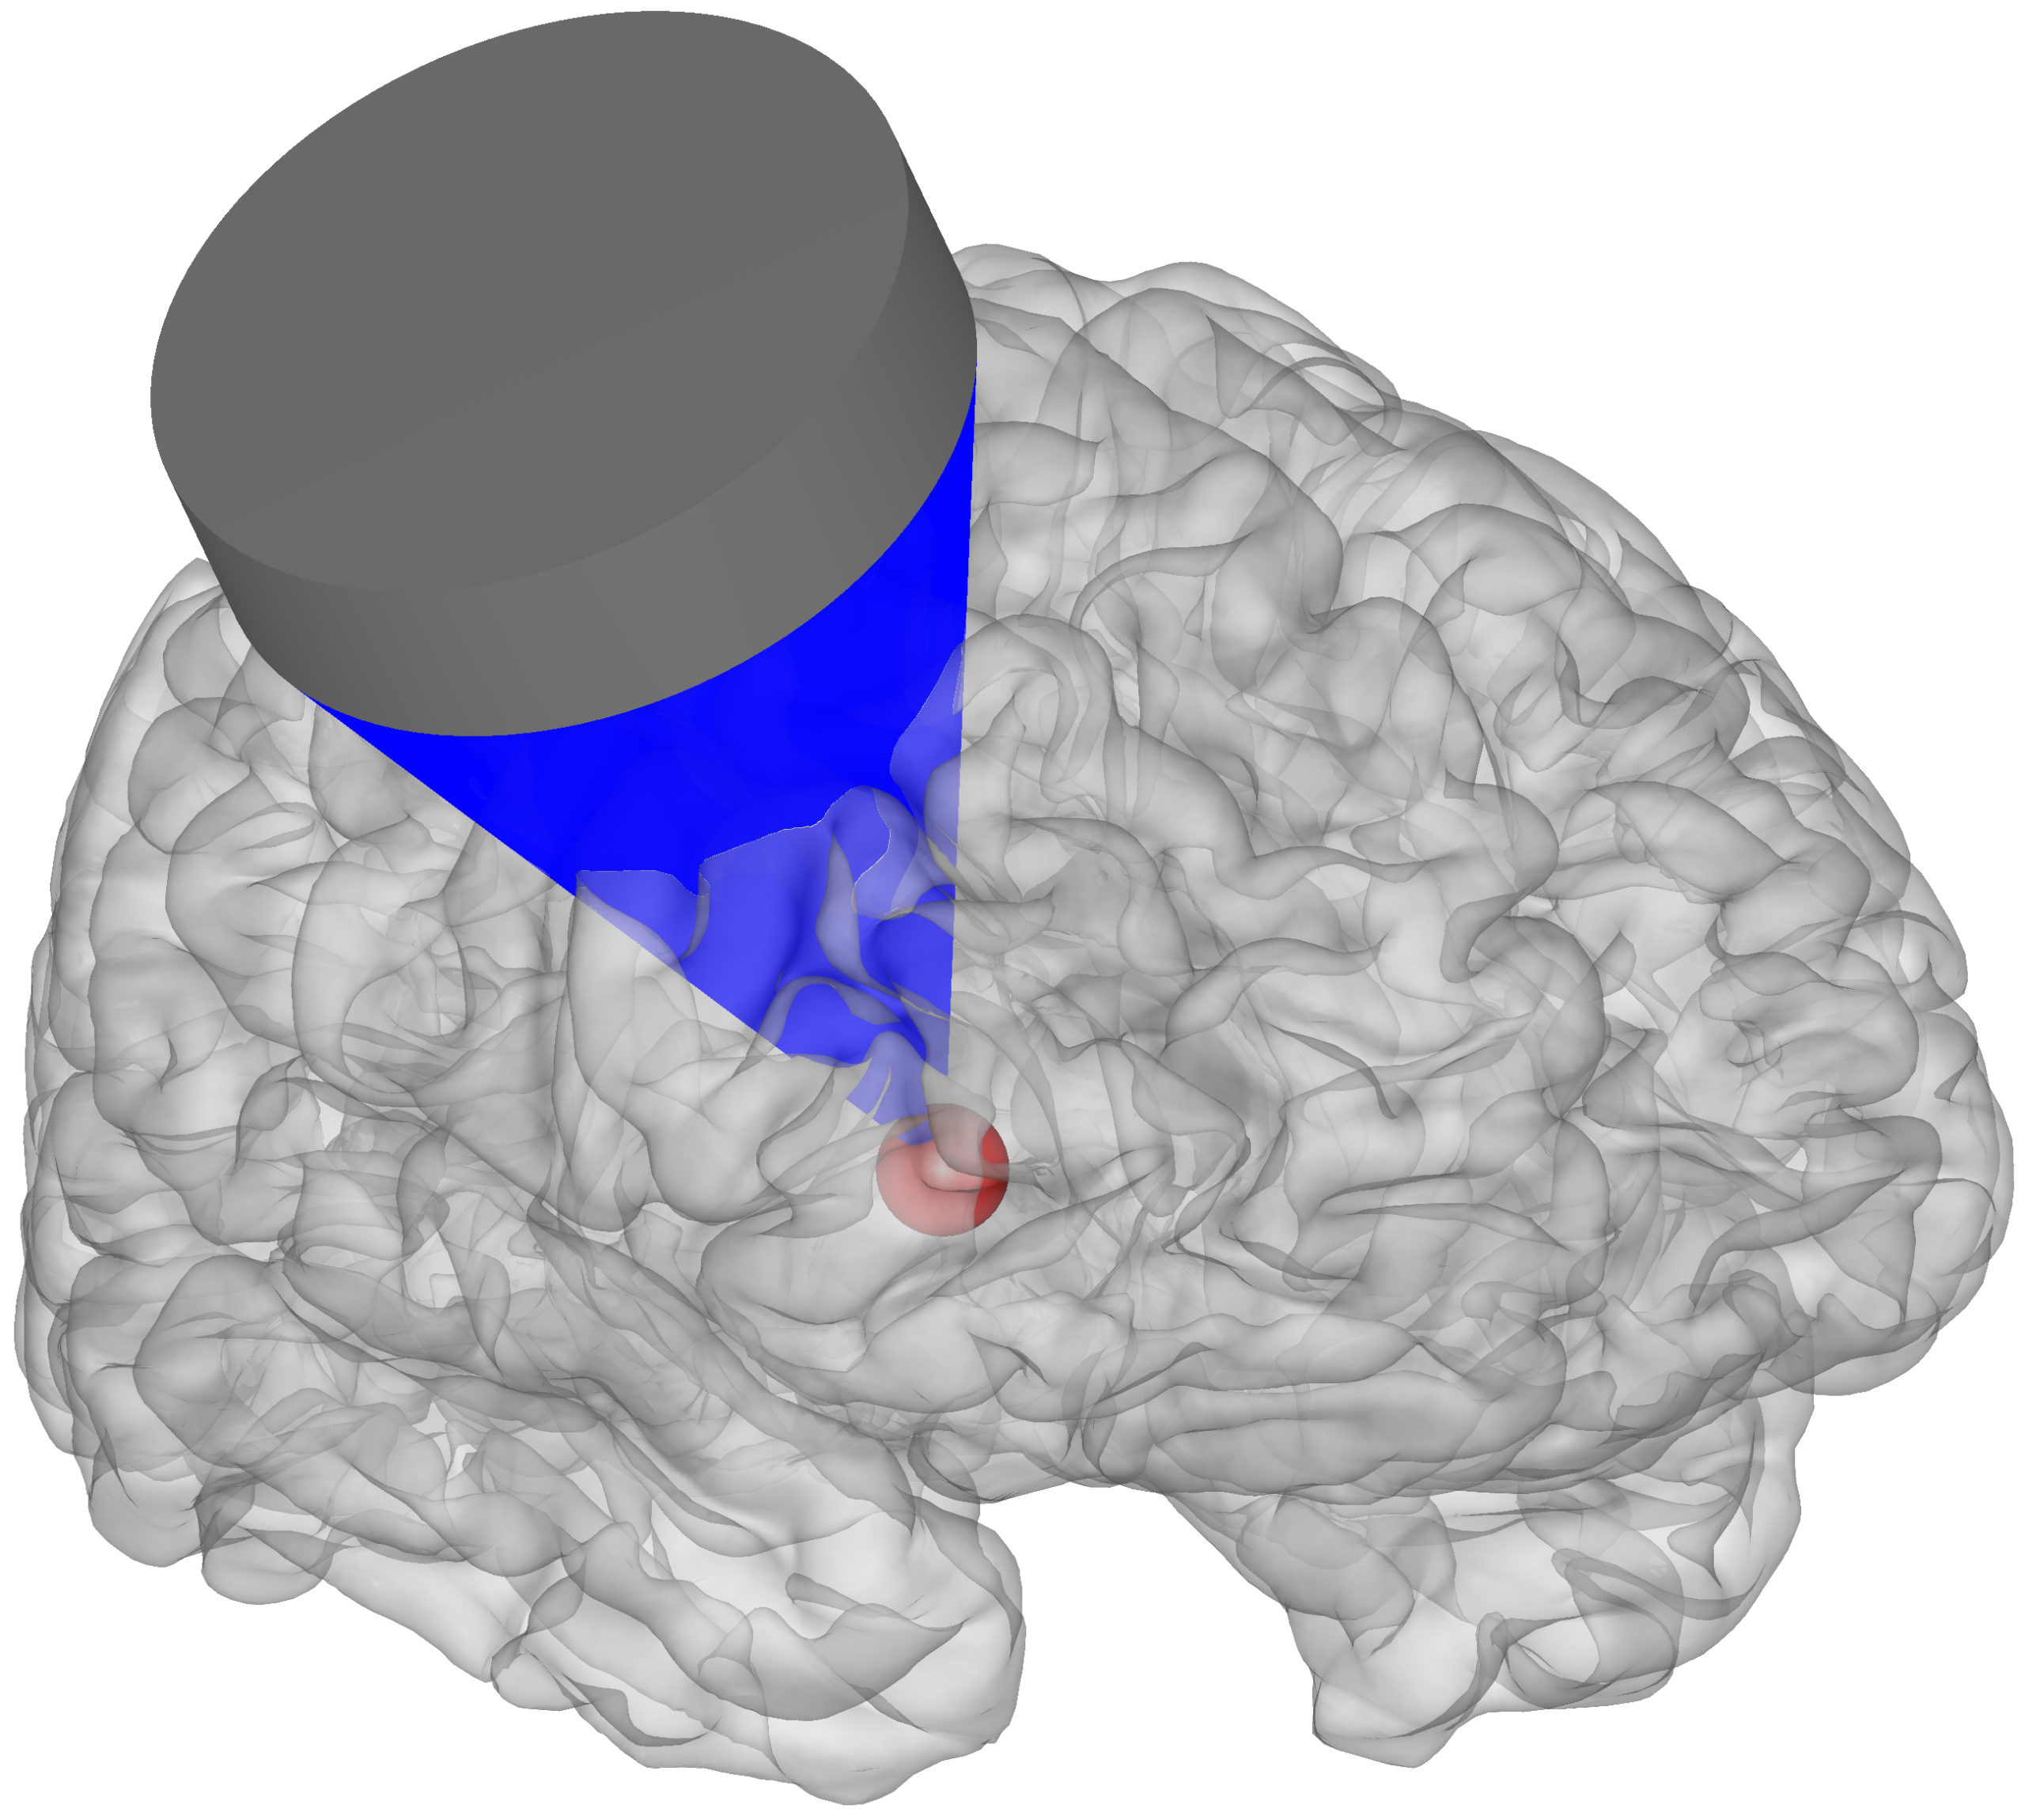 Representação gráfica do alvo de estímulo do cérebro com ultrassom. Crédito: Jan Kubanek